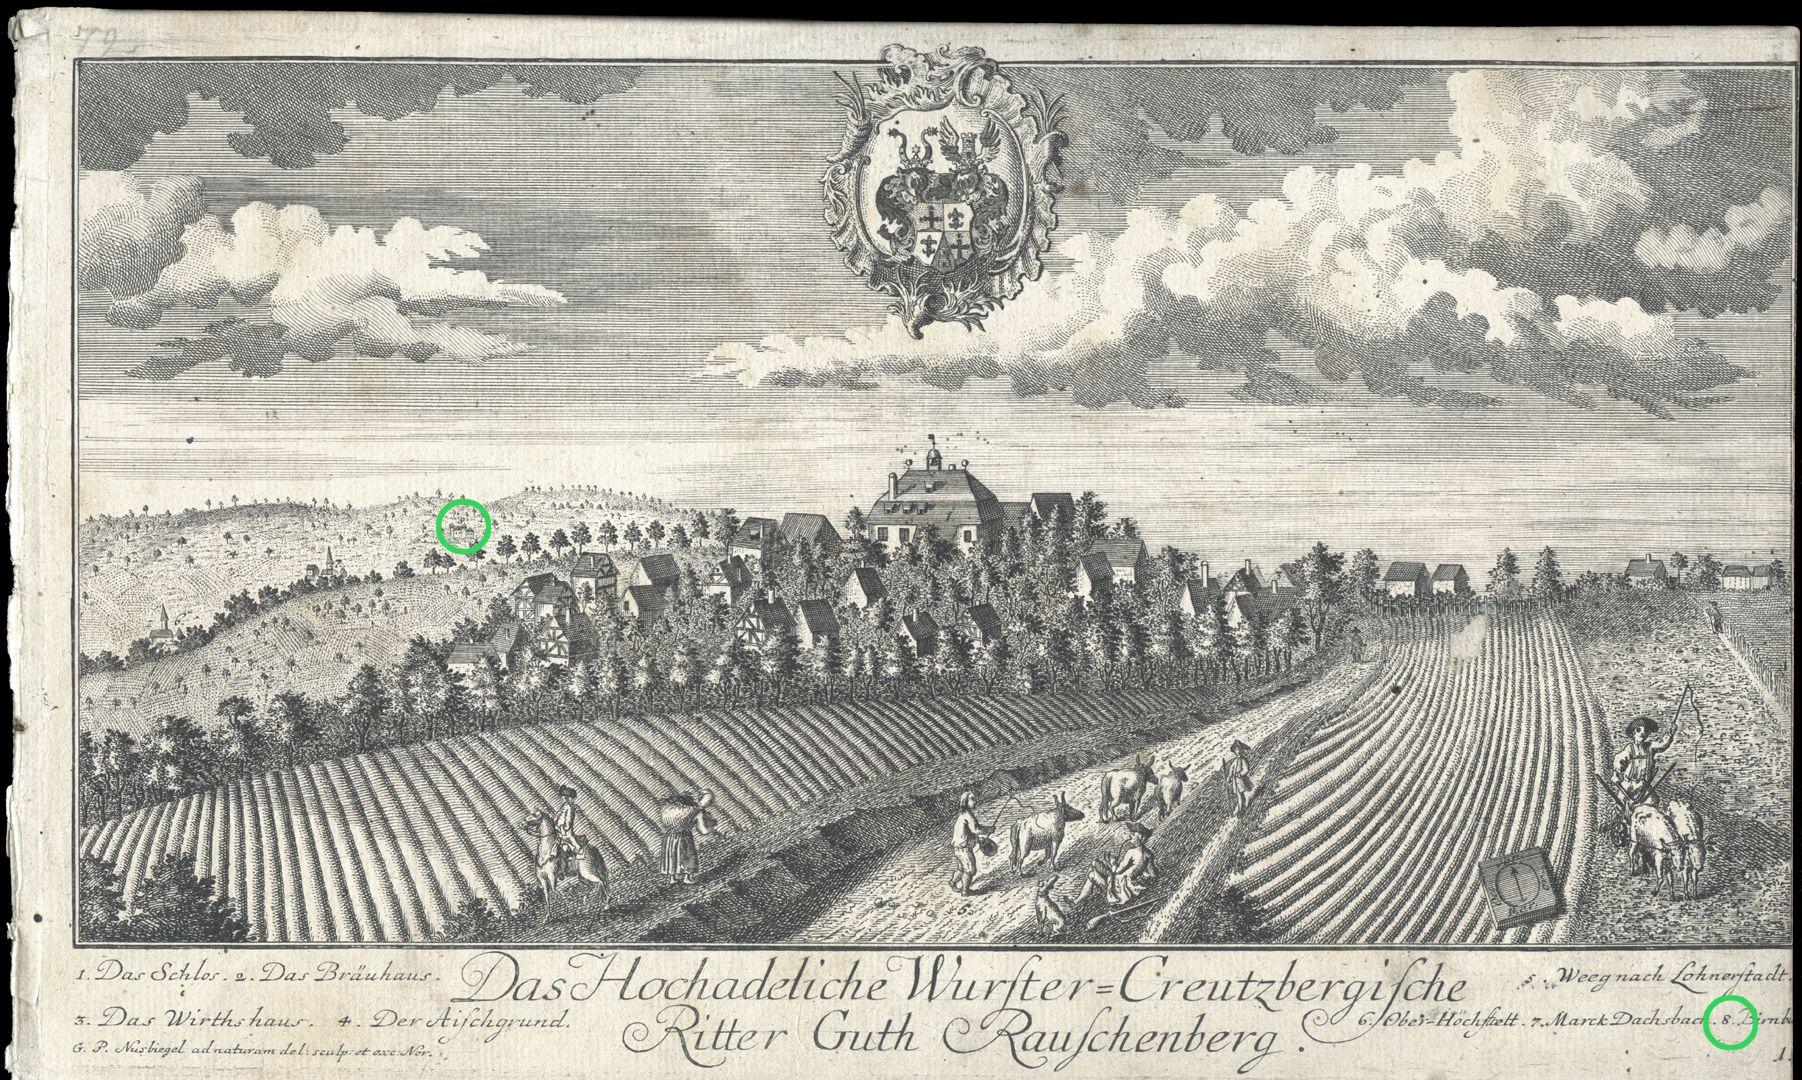 """Das Hochadeliche Wurster=Creutzbergische Ritter Guth Rauschenberg """"Birnbaum"""""""